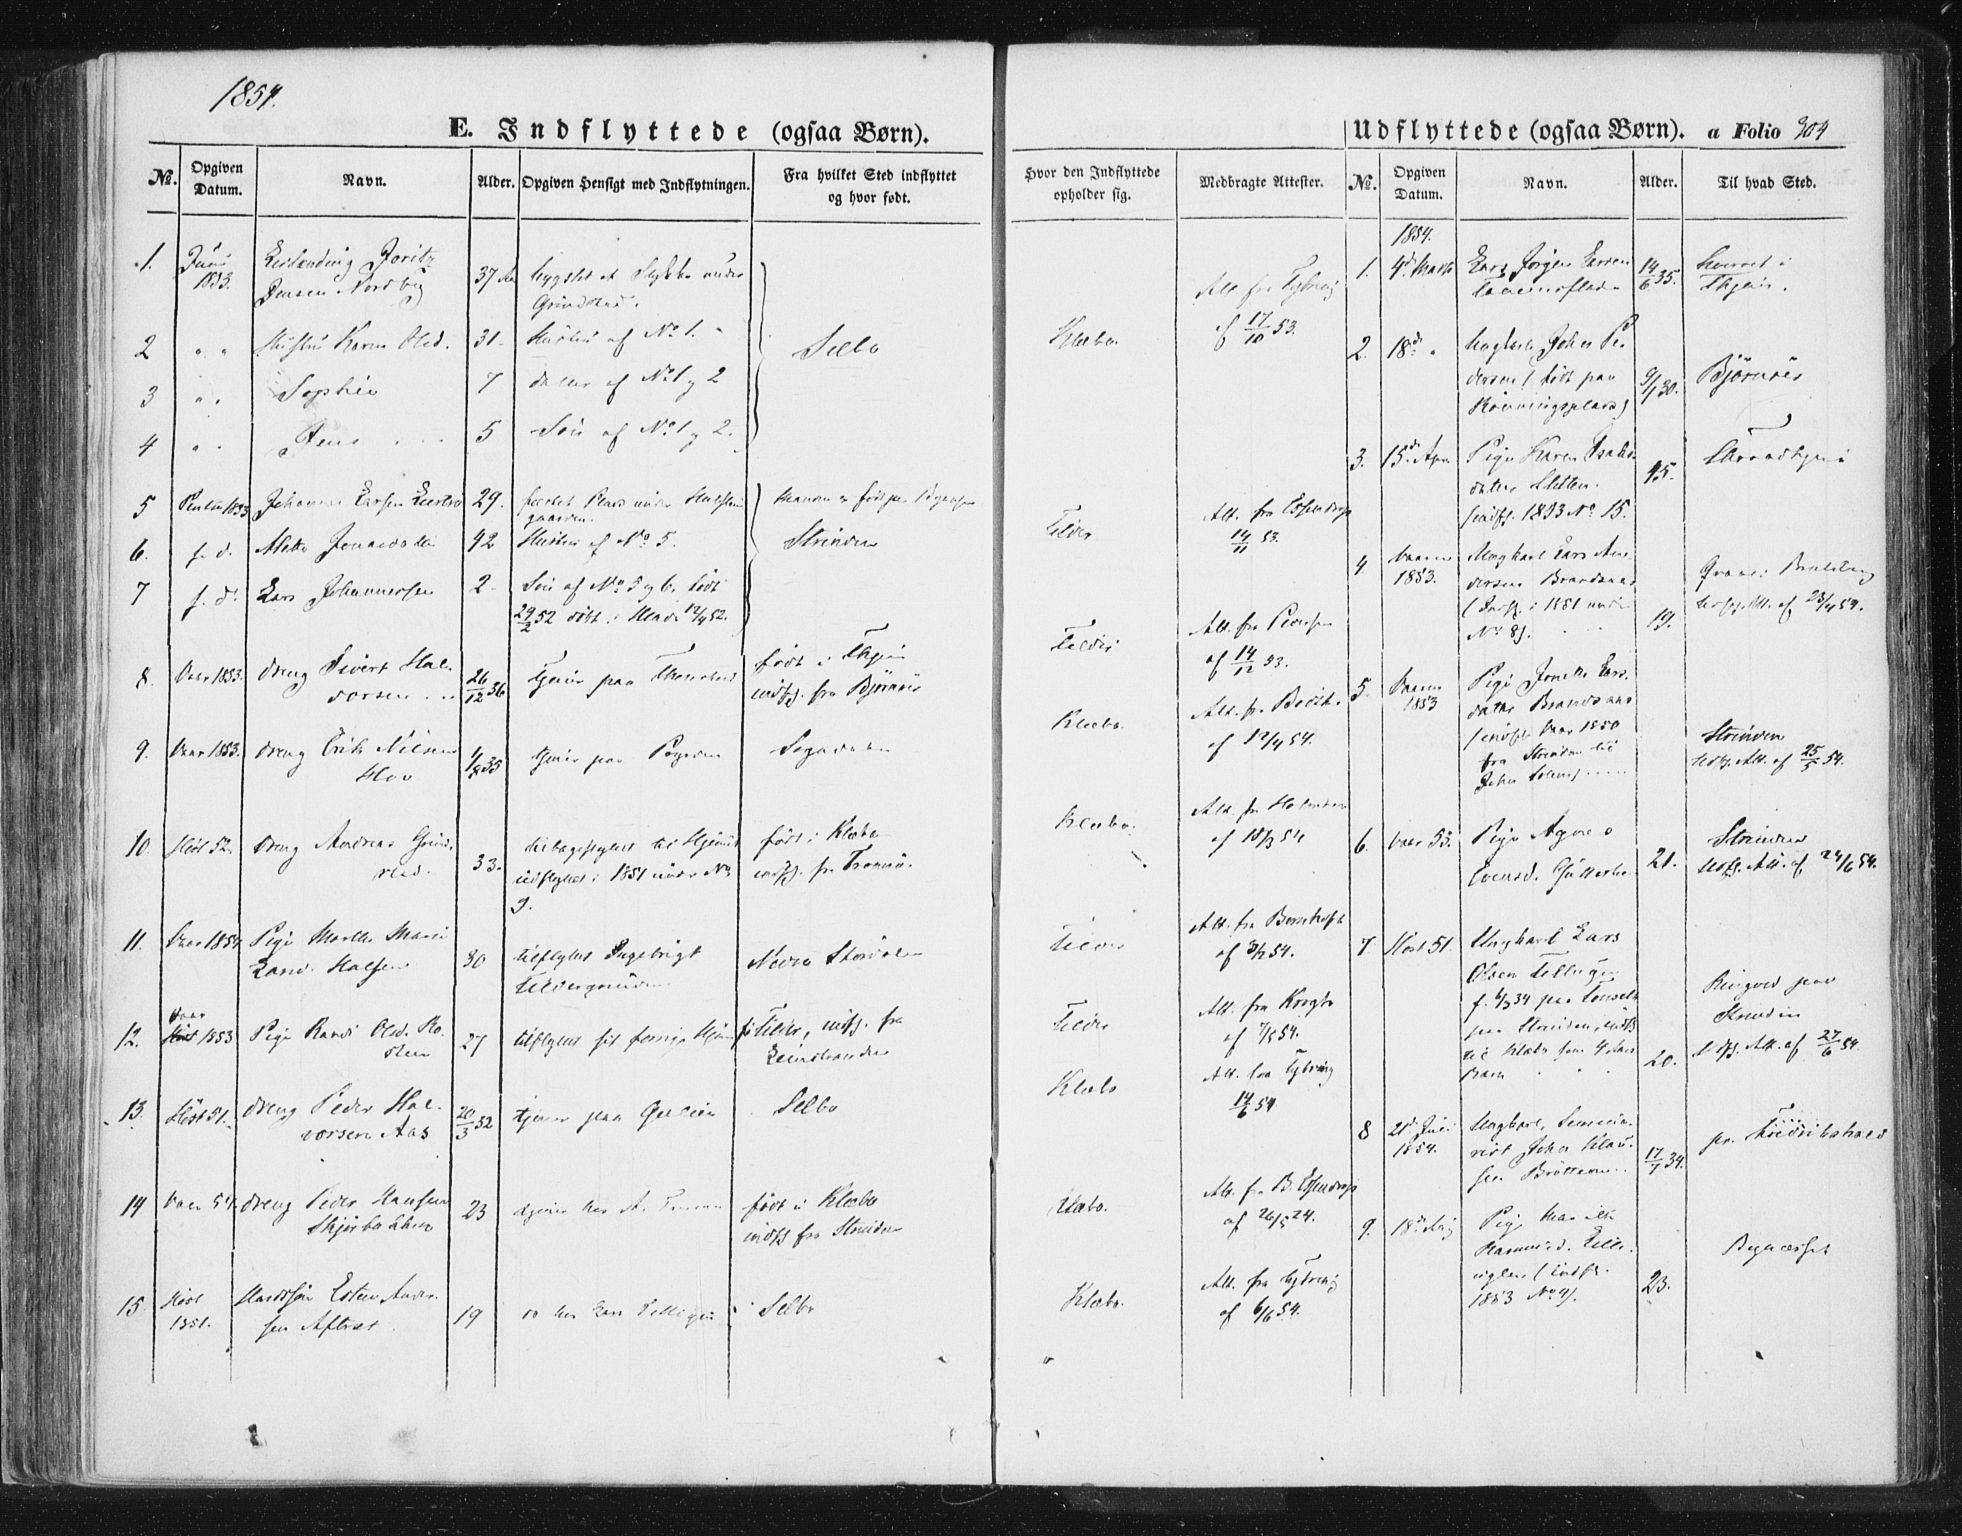 SAT, Ministerialprotokoller, klokkerbøker og fødselsregistre - Sør-Trøndelag, 618/L0441: Ministerialbok nr. 618A05, 1843-1862, s. 304